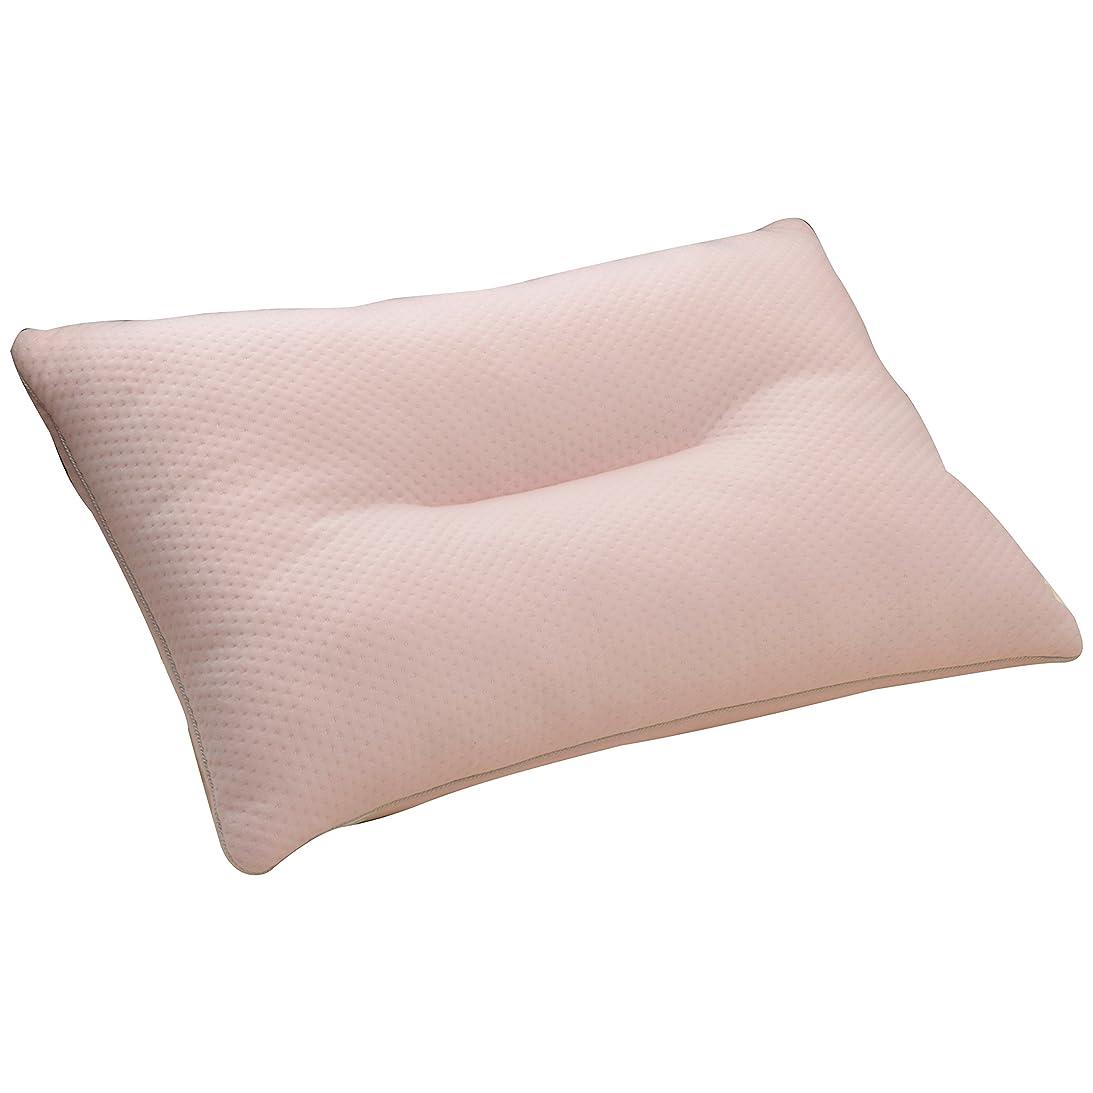 喪ねじれ技術者京都西川 枕 低反発チップ入り やわらかい もっちり もちもち まくら 35×50 ピンク 06-PL3601 M